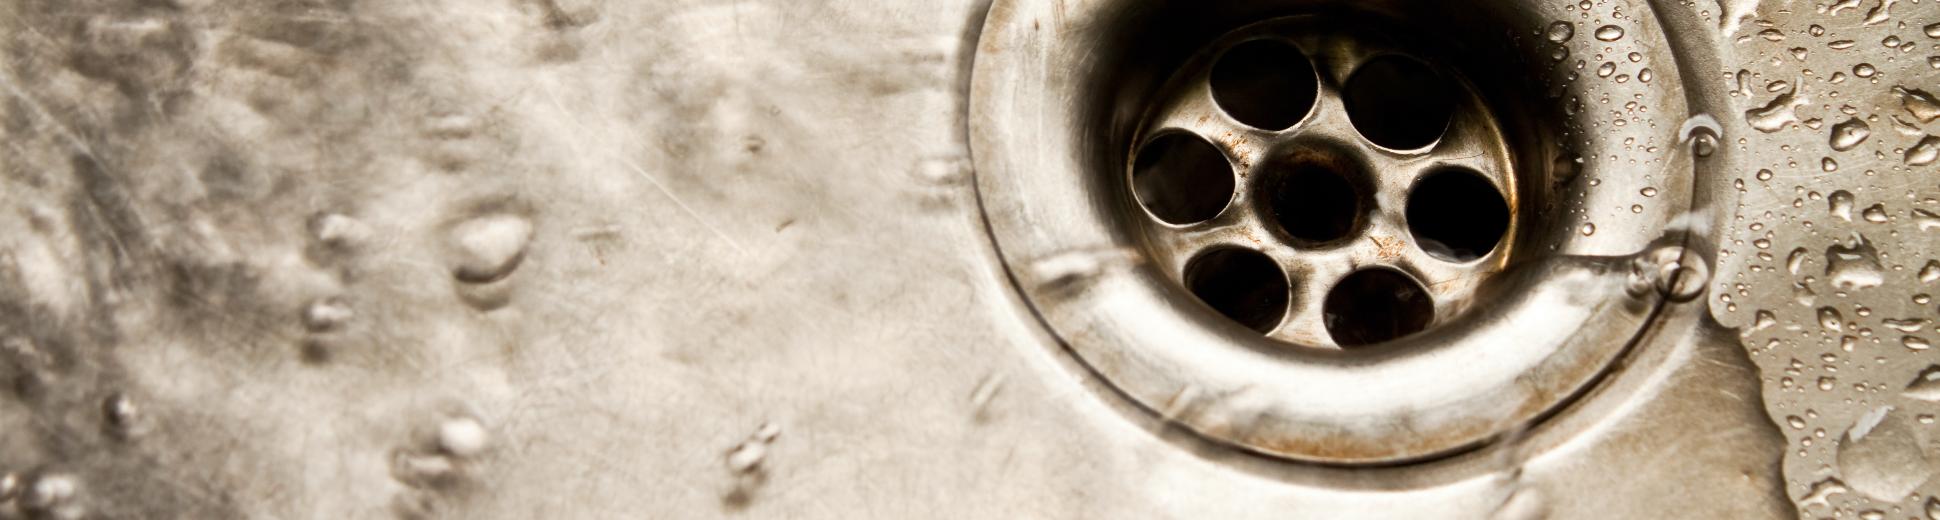 Abflussreiniger für den Küchenabfluss